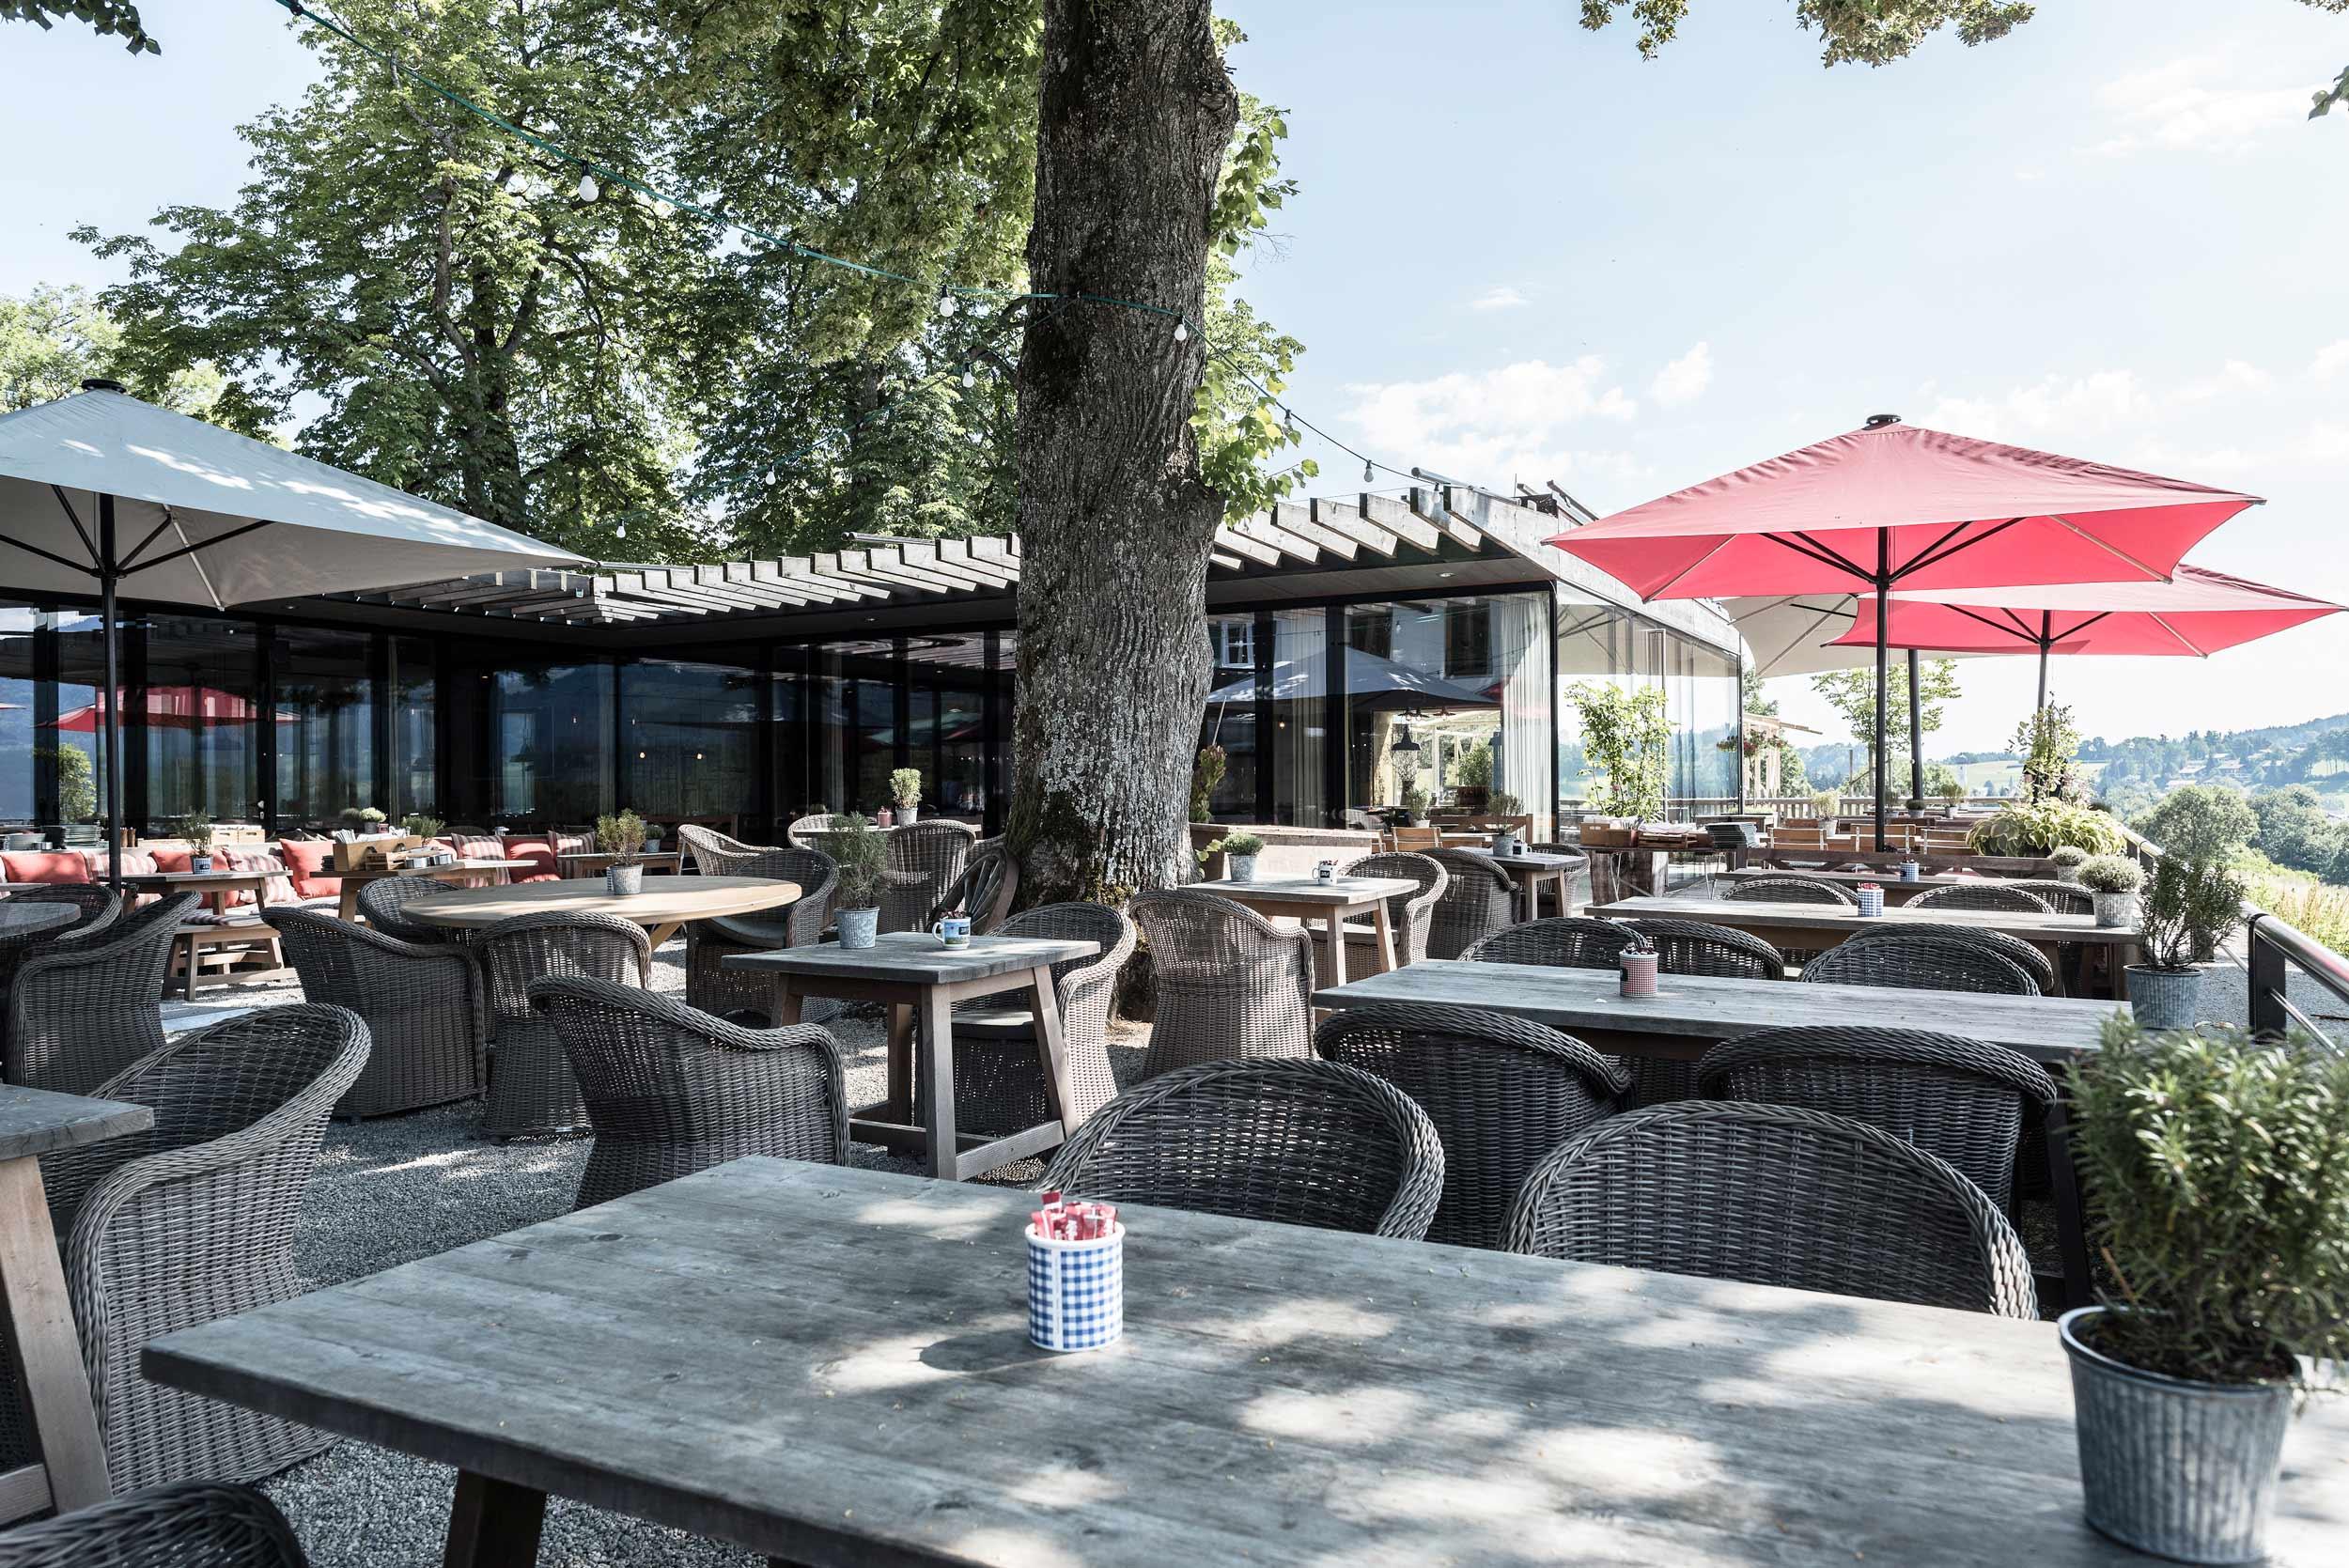 zimmerei-stoib-holzbau-holzhaus-gut-kaltenbrunn-tegernsee-festsaal-restaurant-fassade-sanierung-käfer-biergarten-05.jpg